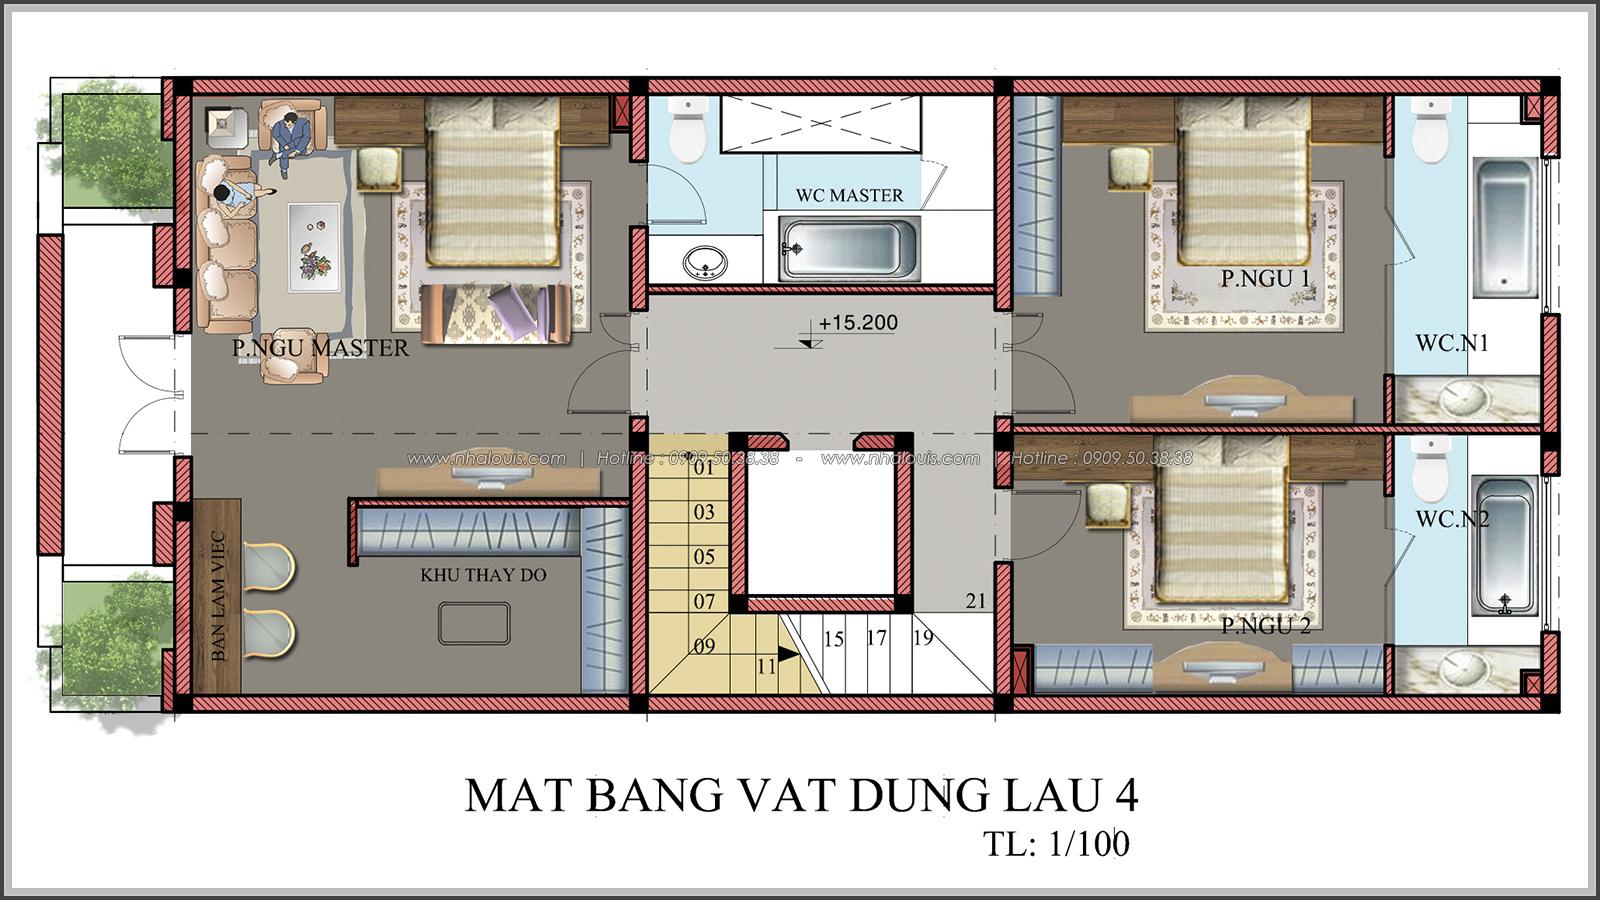 Đẳng cấp thiết kế penthouse với nội thất cực chất anh Kim quận Tân Bình - 11